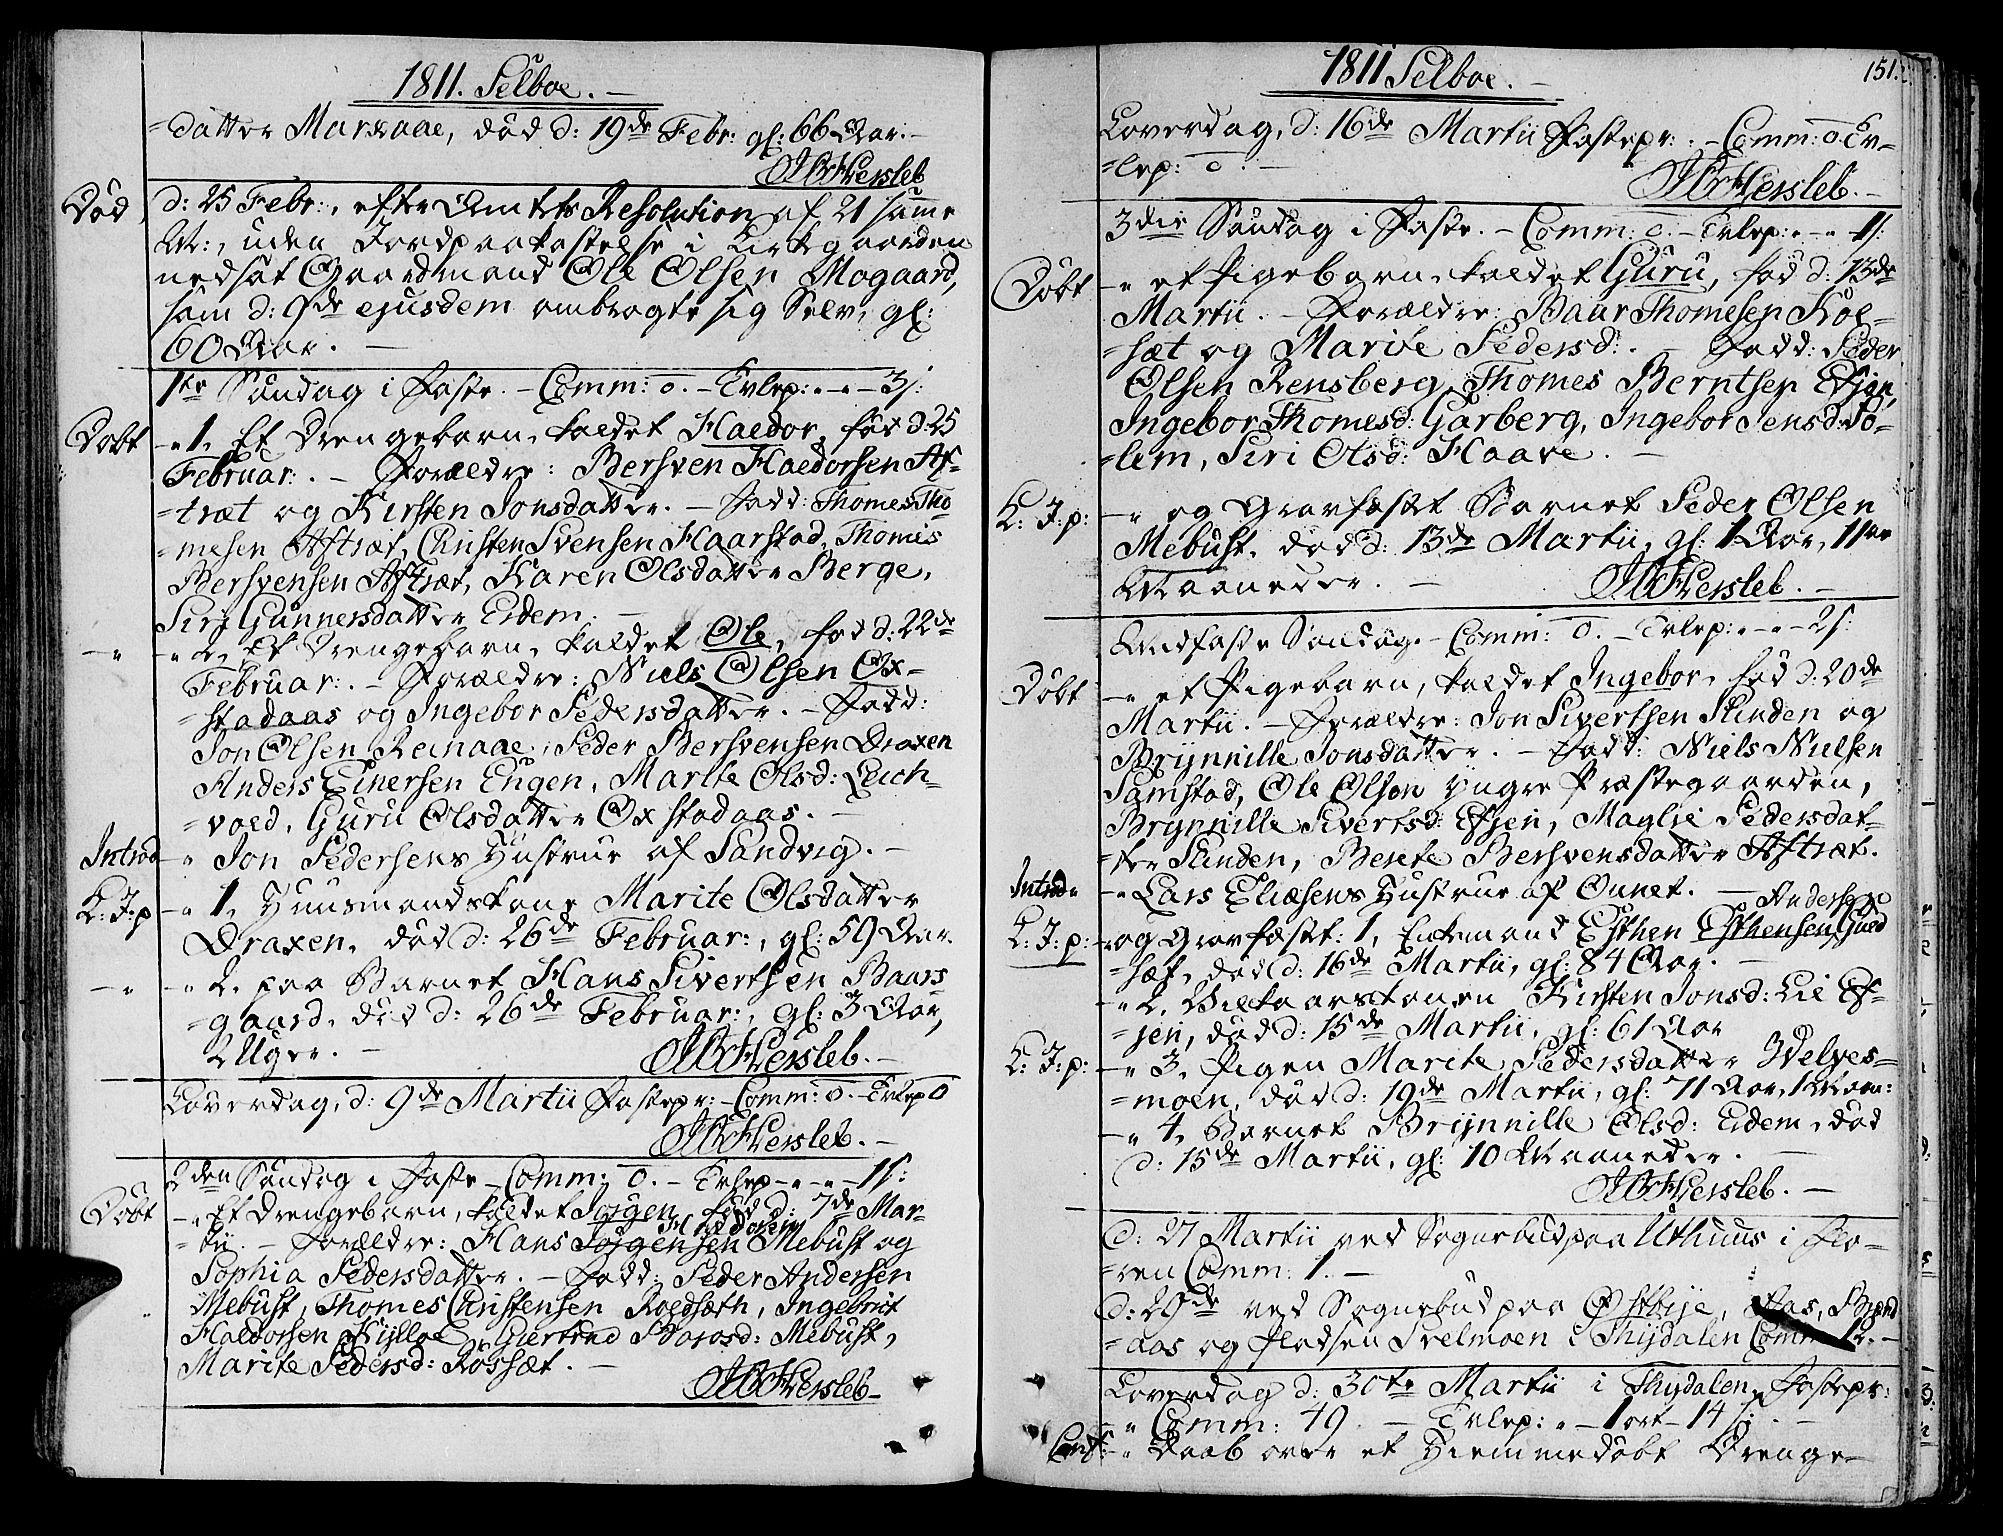 SAT, Ministerialprotokoller, klokkerbøker og fødselsregistre - Sør-Trøndelag, 695/L1140: Ministerialbok nr. 695A03, 1801-1815, s. 151